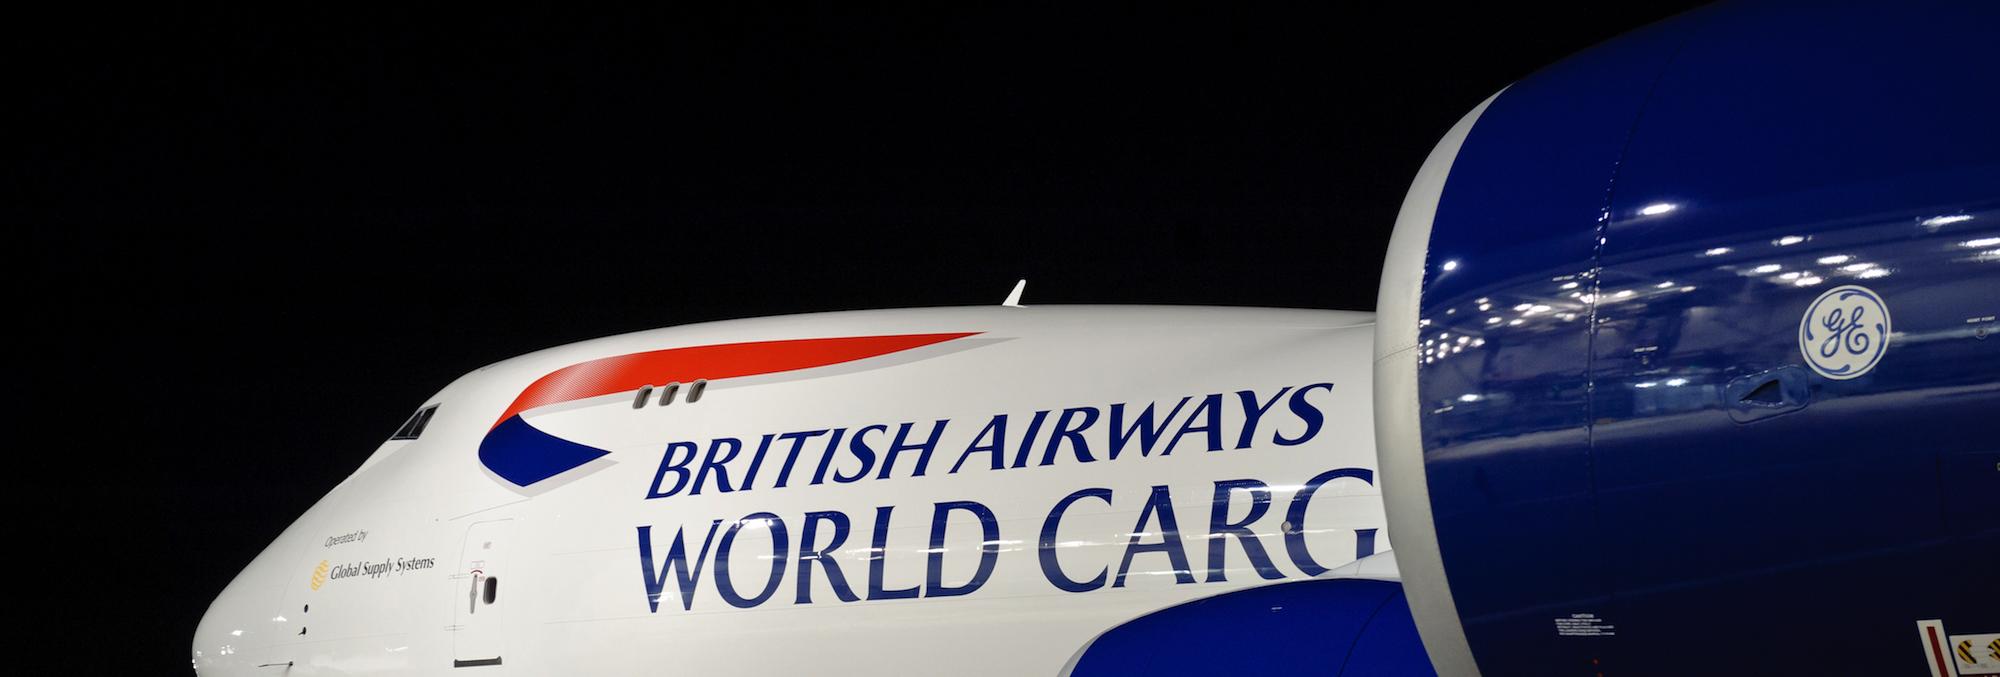 BA World Cargo image